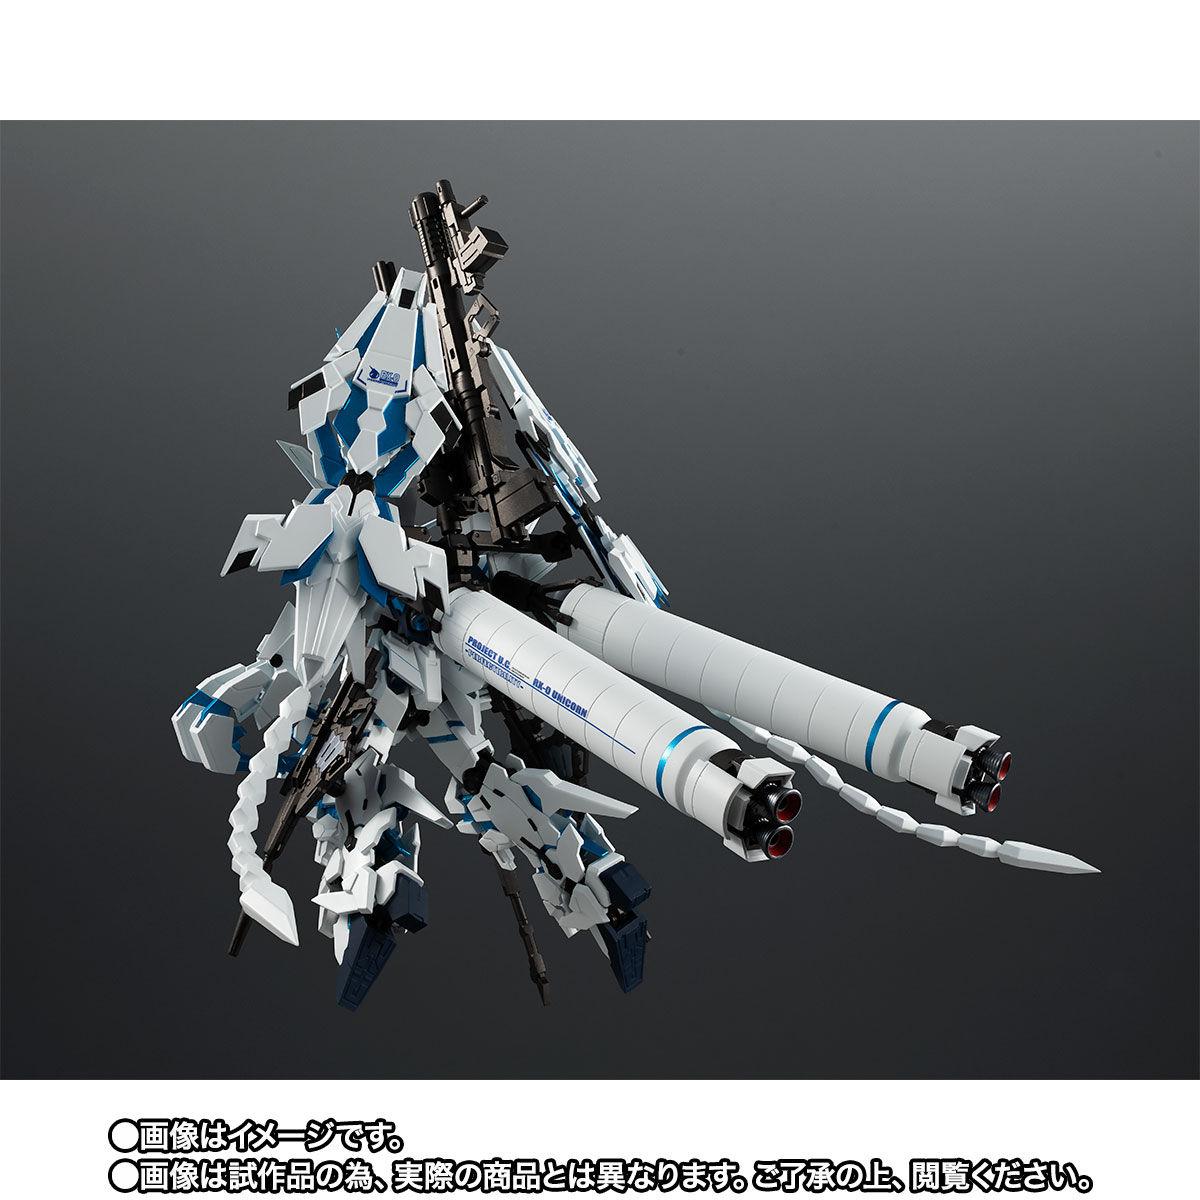 【限定販売】ROBOT魂〈SIDE MS〉『ユニコーンガンダム ペルフェクティビリティ・ディバイン』ガンダムUC 可動フィギュア-003